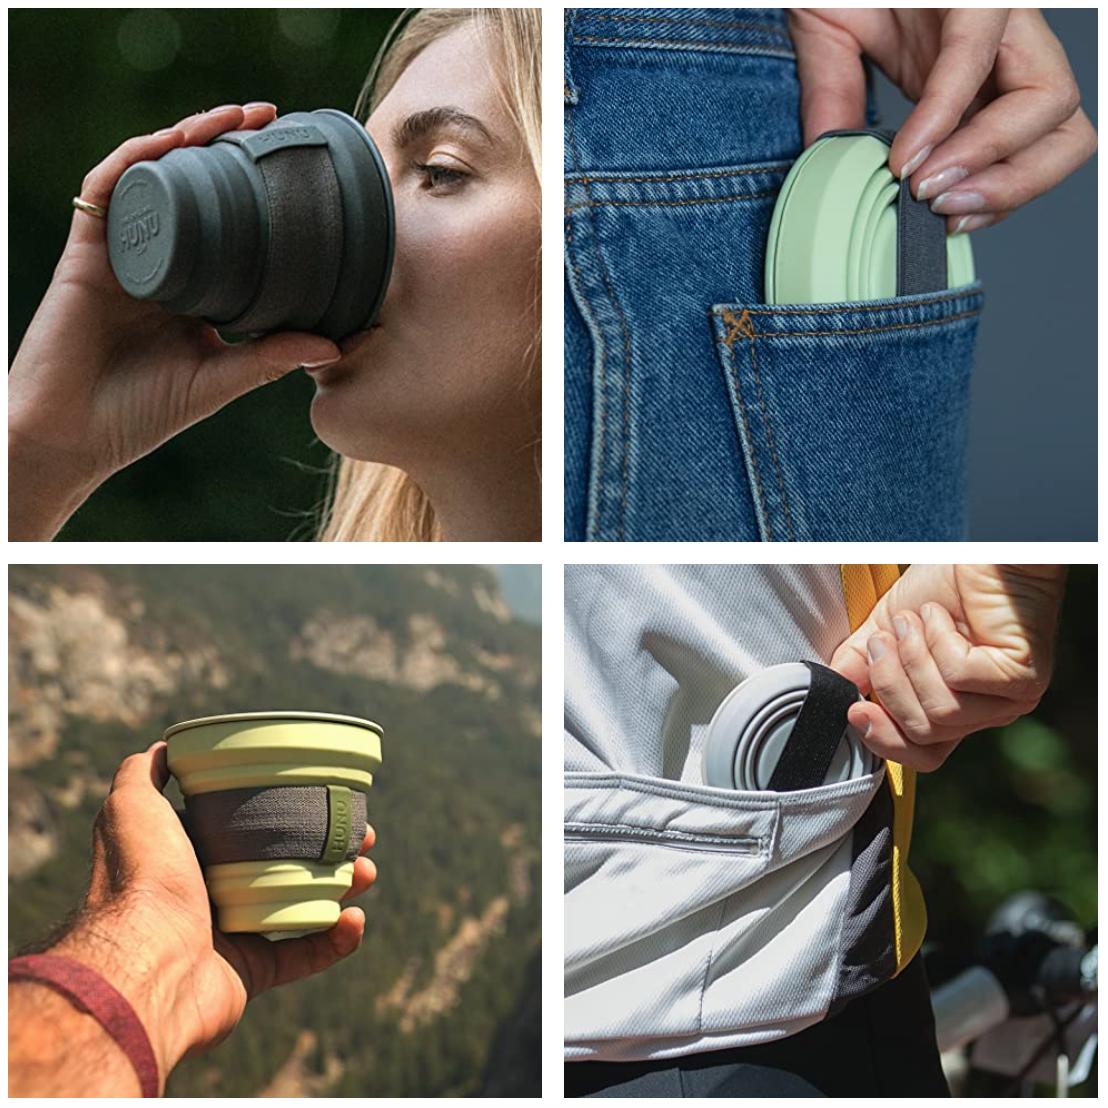 Gallery of four HUNU reusable cups